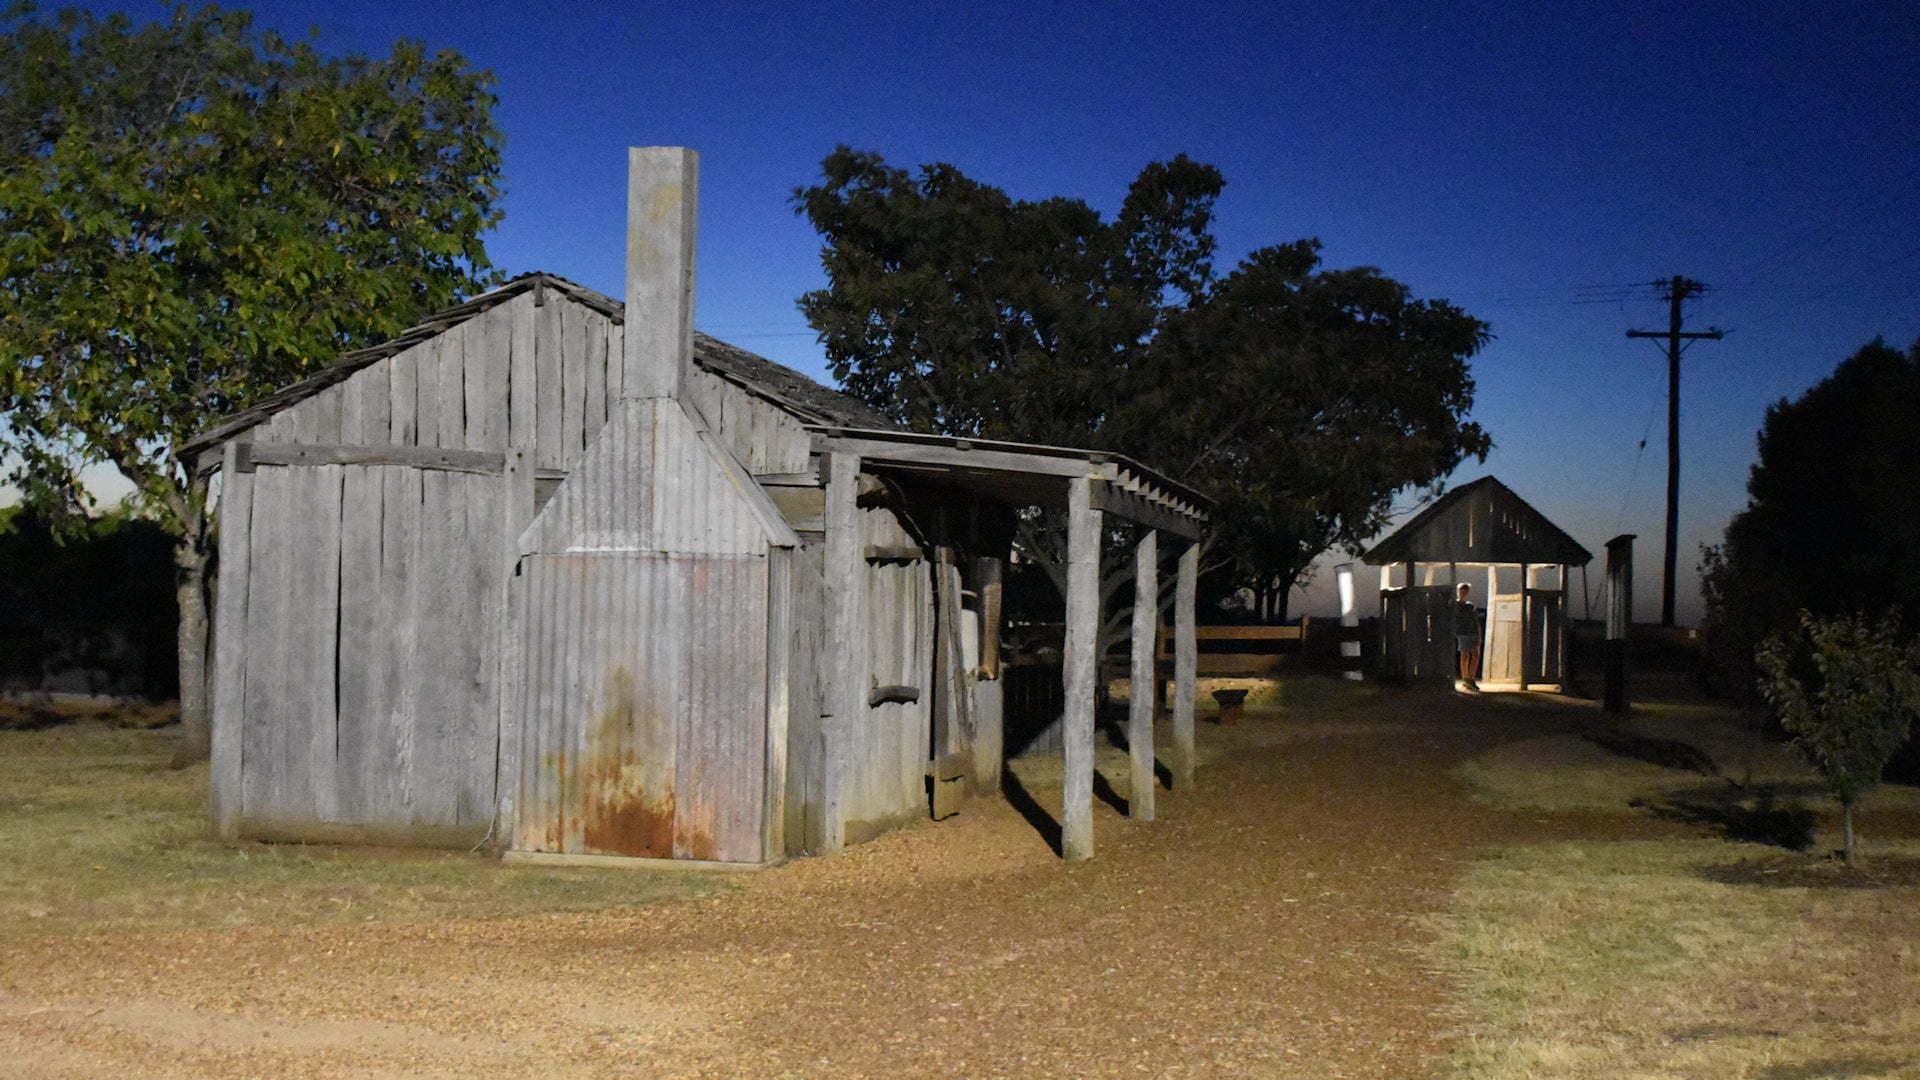 Slub hut house at Steele Rudd Selection Park